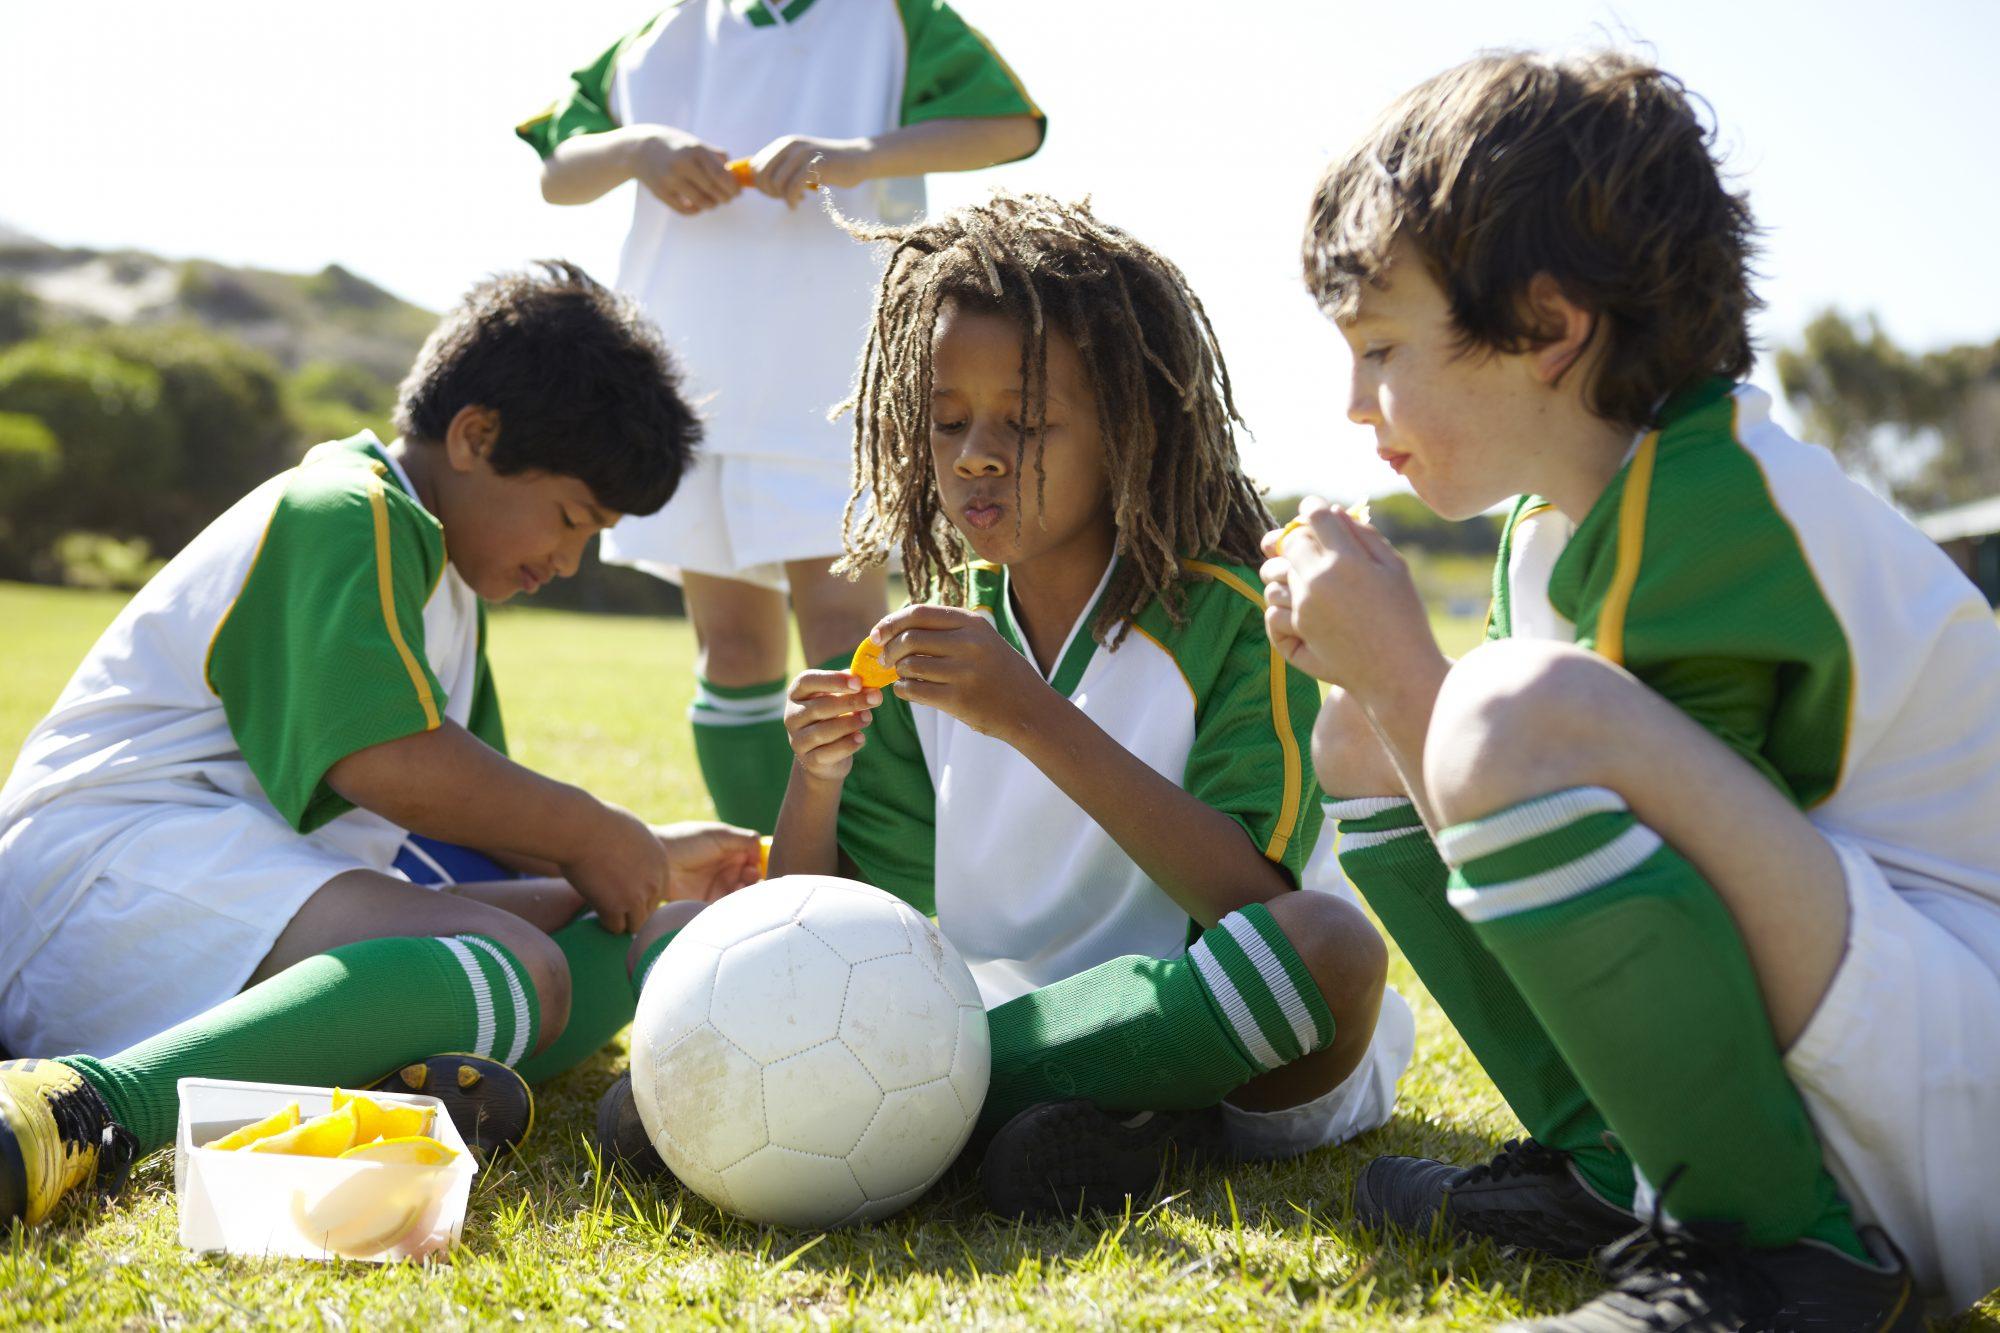 soccer-kids-eating.jpg